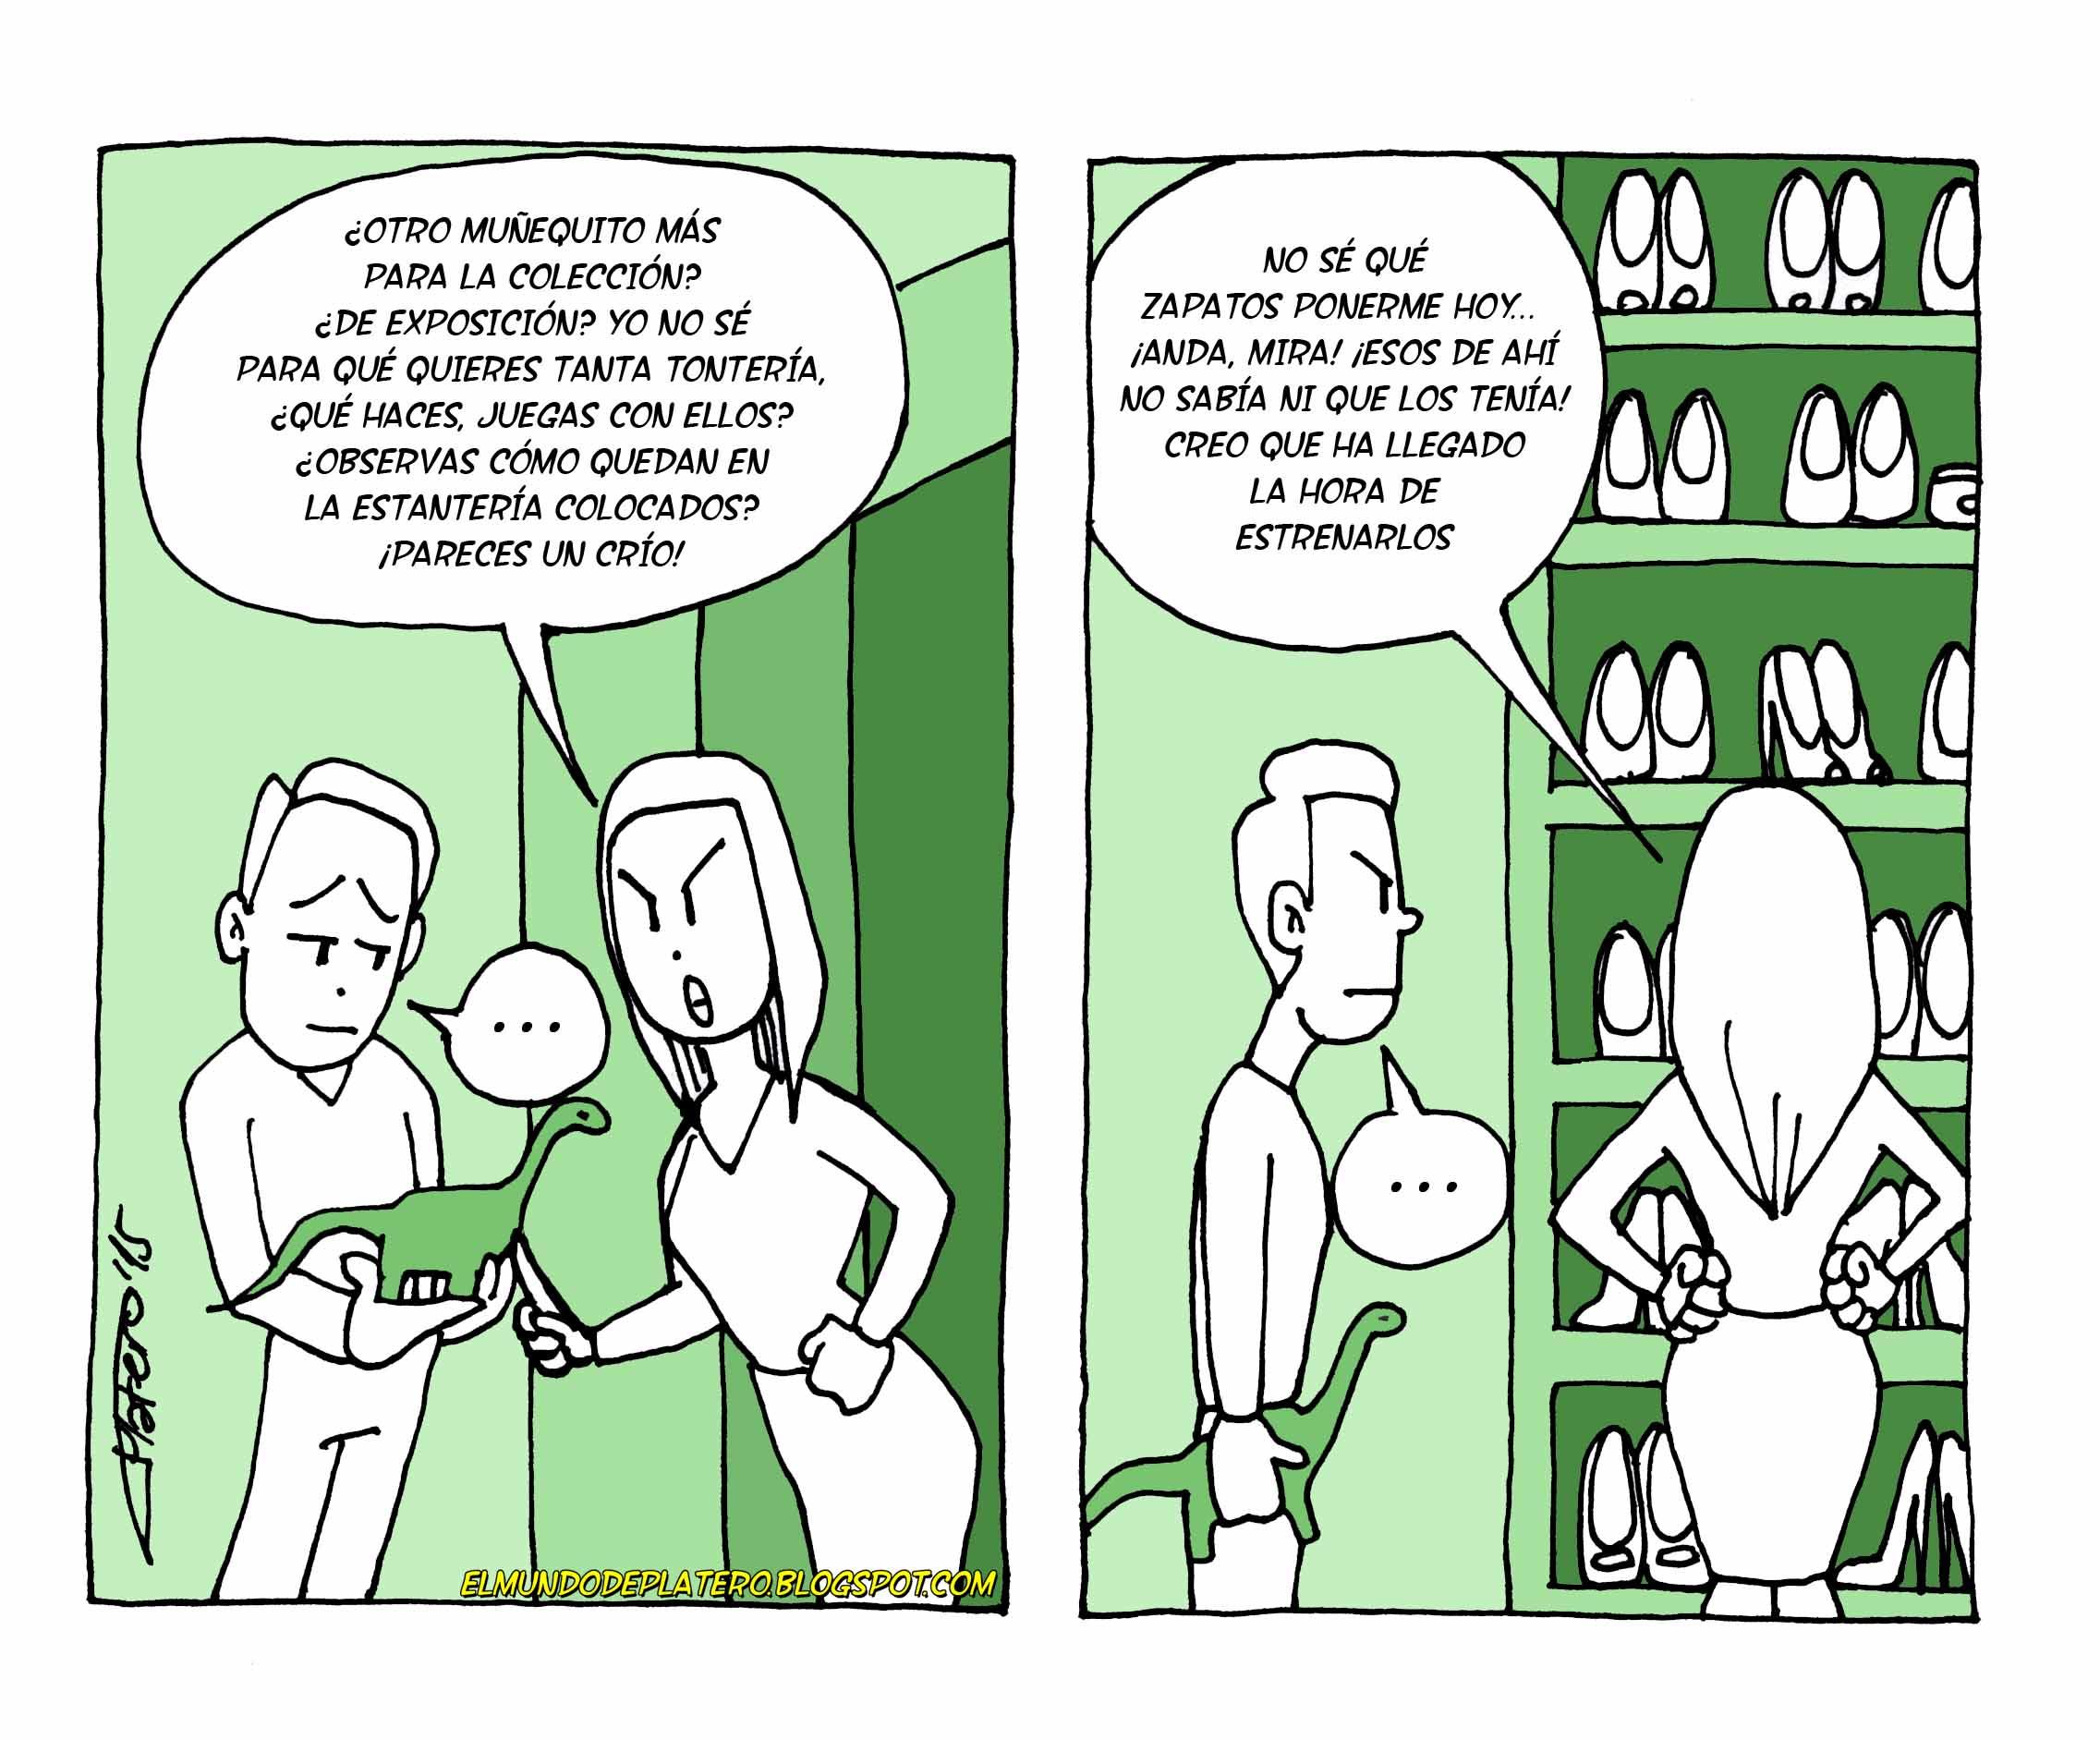 Nuevo_muñequito_para_la_colección_coleccionismo_dinosaurios_friki_cómic_josé_luis_platero_elmundodep